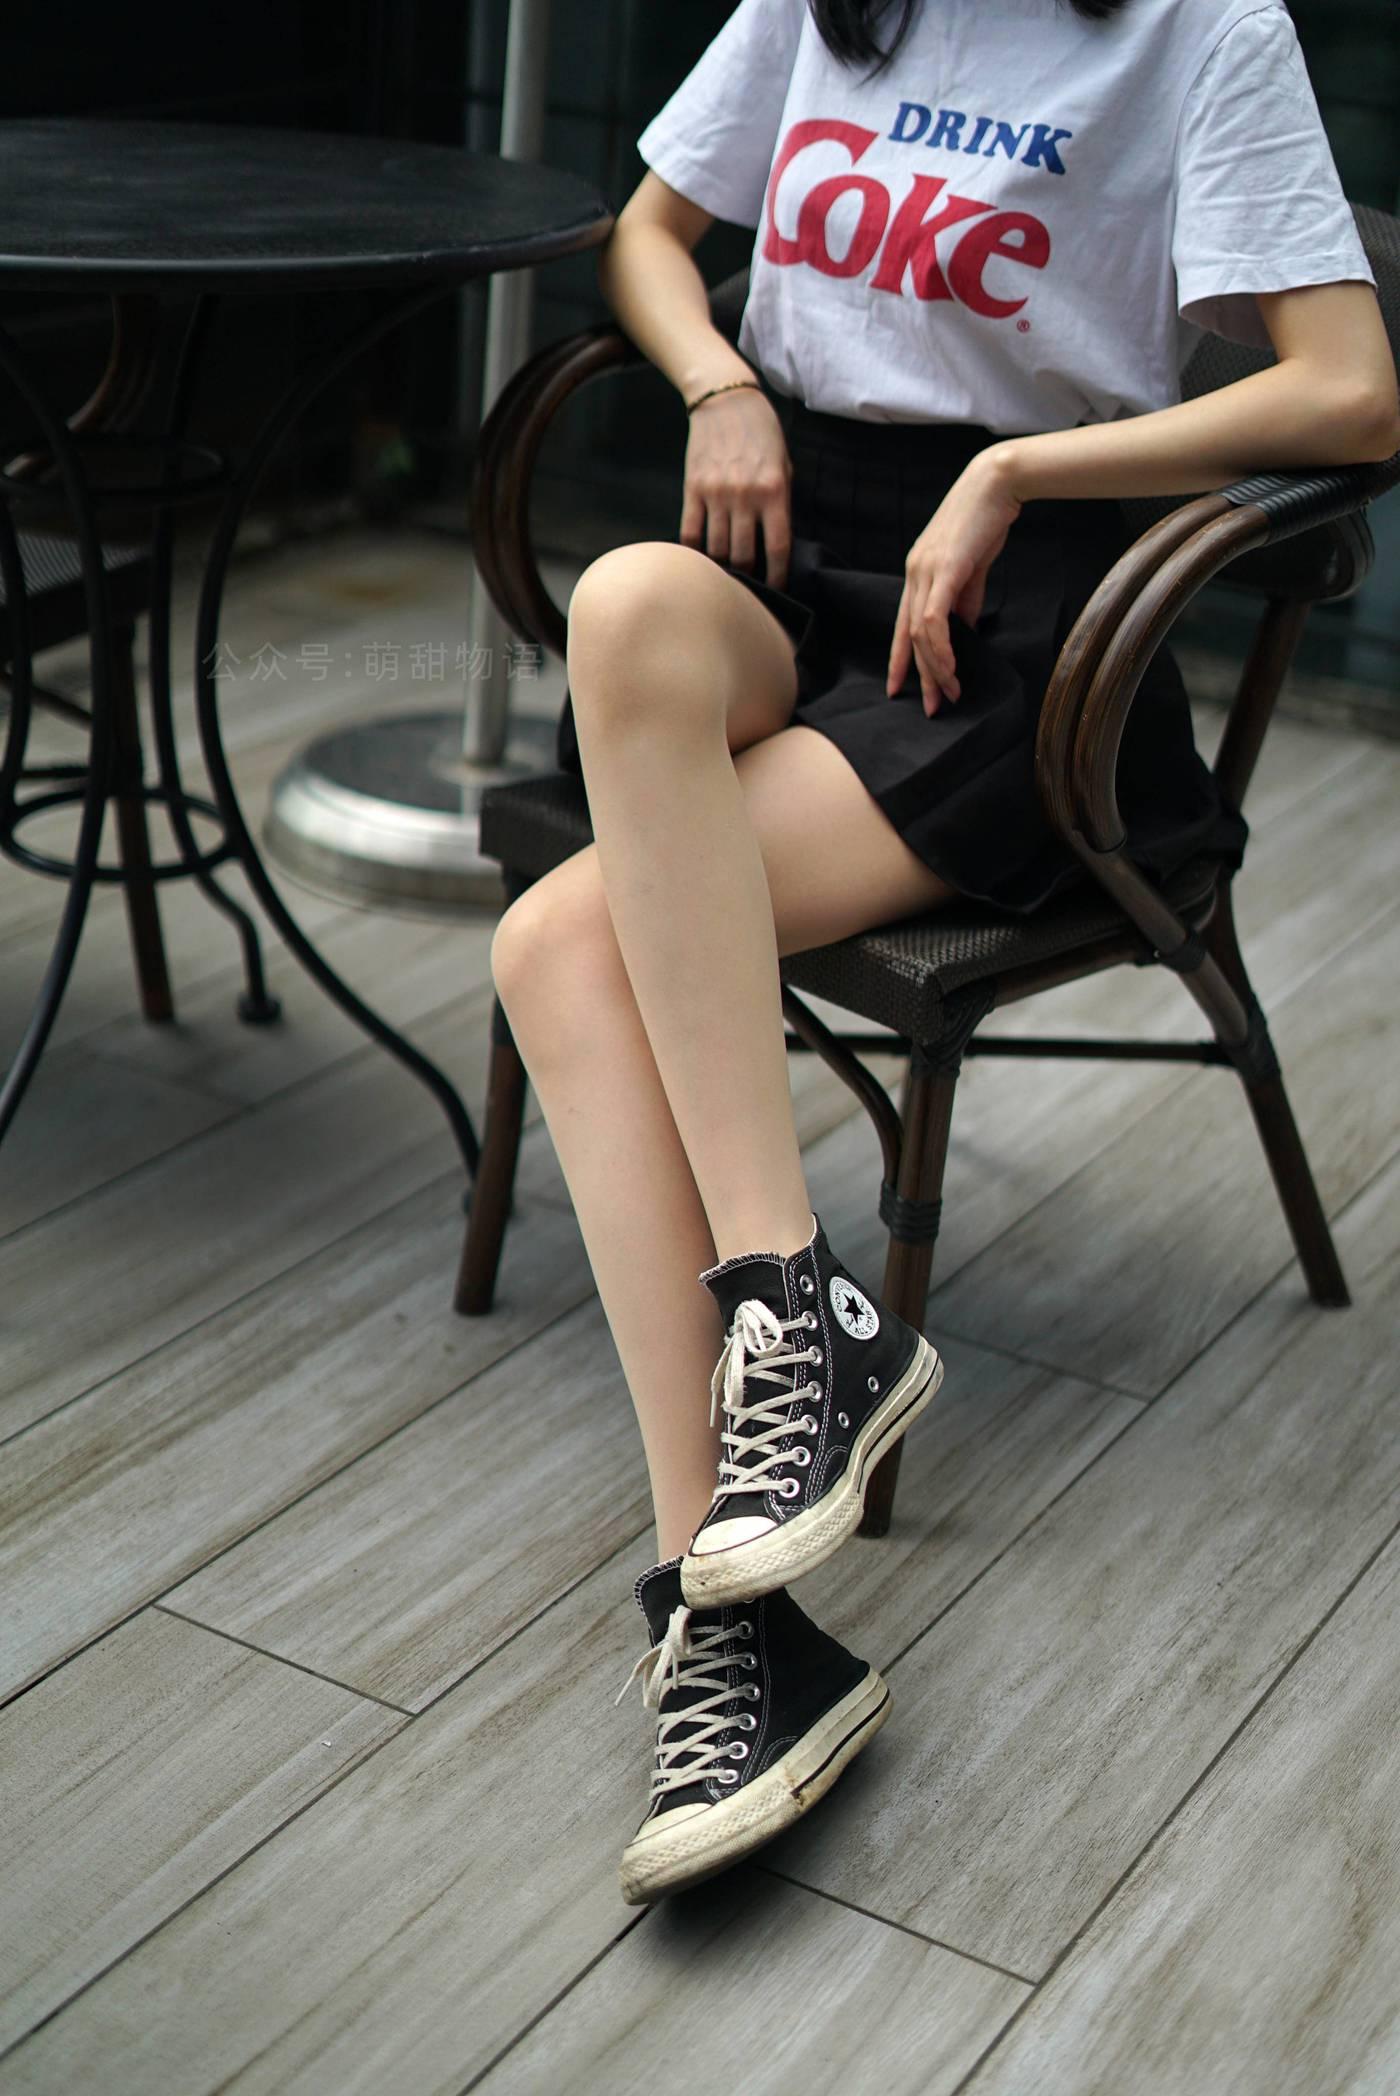 [萌甜物语]XM107《清纯百褶裙-腿腿》[99P]